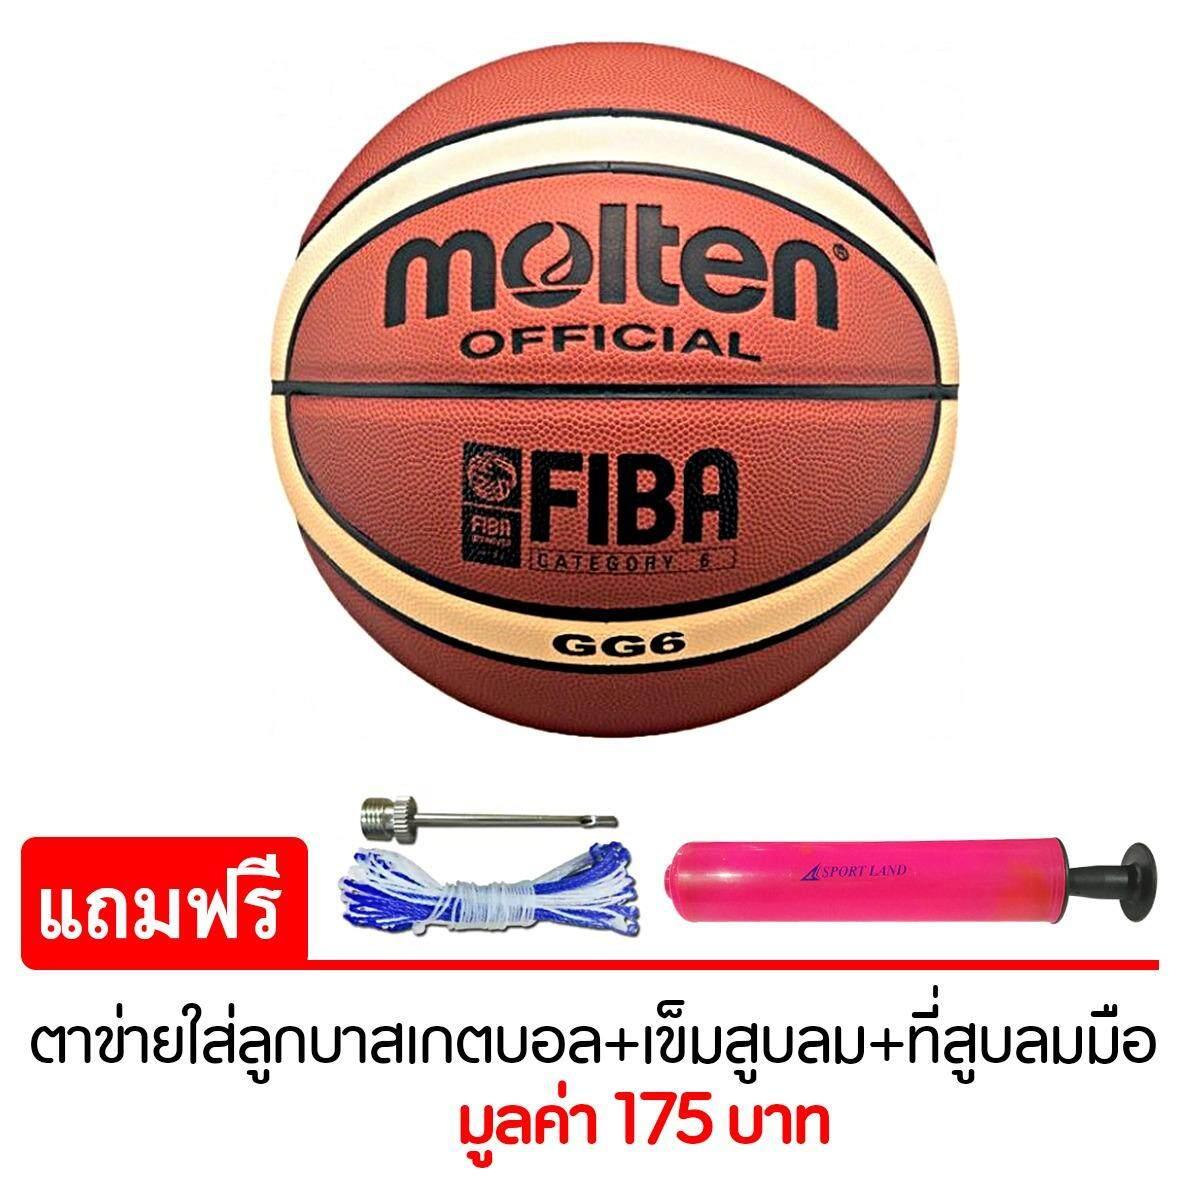 โปรโมชั่น Molten Basketball Pu Mot รุ่น Bgg6 Fiba สีส้ม แถมฟรี ตาข่ายใส่ลูกบาสเกตบอล เข็มสูบสูบลม สูบมือ Spl รุ่น Sl6 สีชมพู Molten ใหม่ล่าสุด